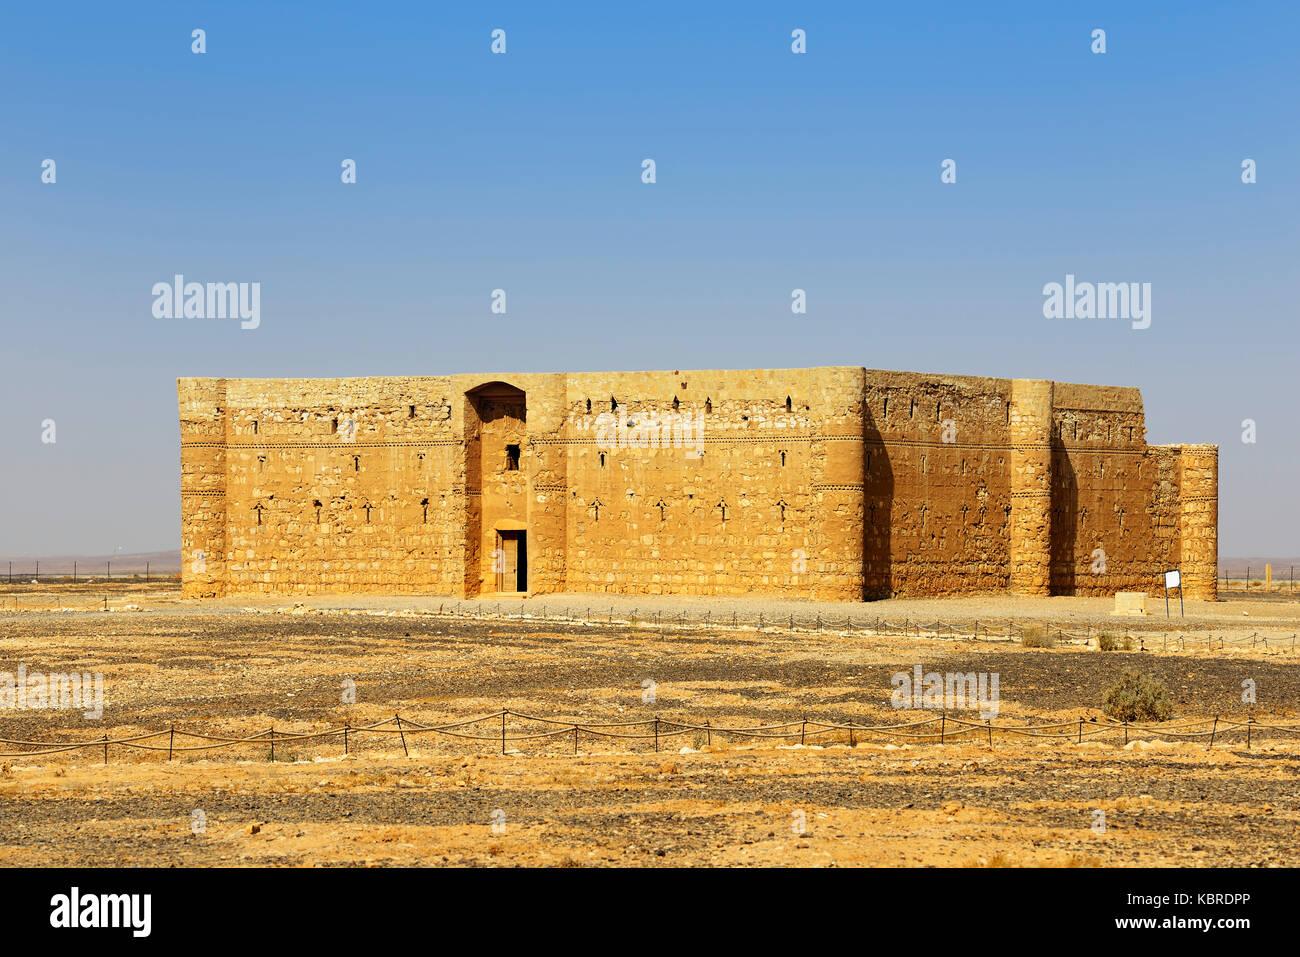 Château du désert omeyyade, Qasr al-kharanah, Jordanie Photo Stock